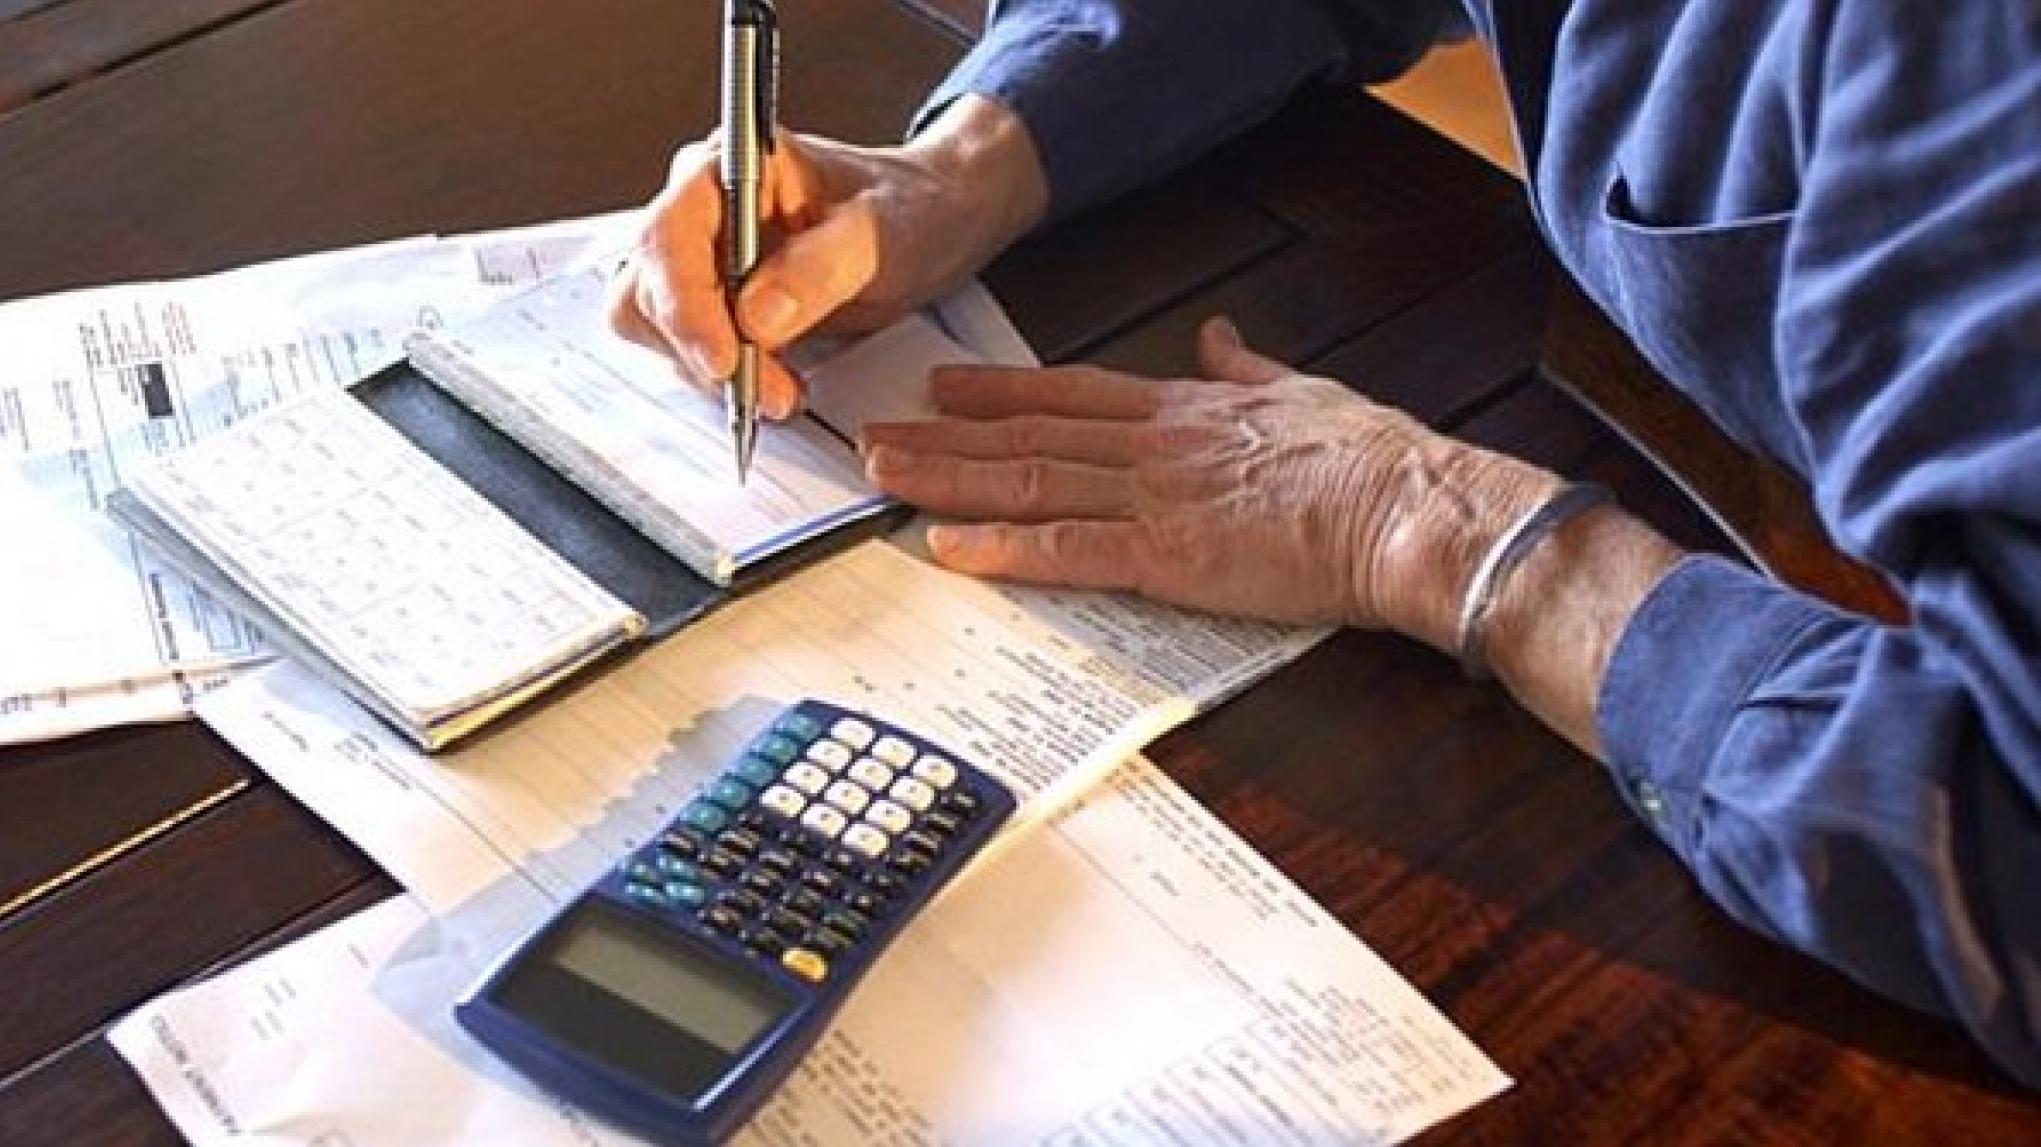 A região com maior percentual de pessoas com dívidas atrasadas é a Sudeste, com participação de 45,1%.